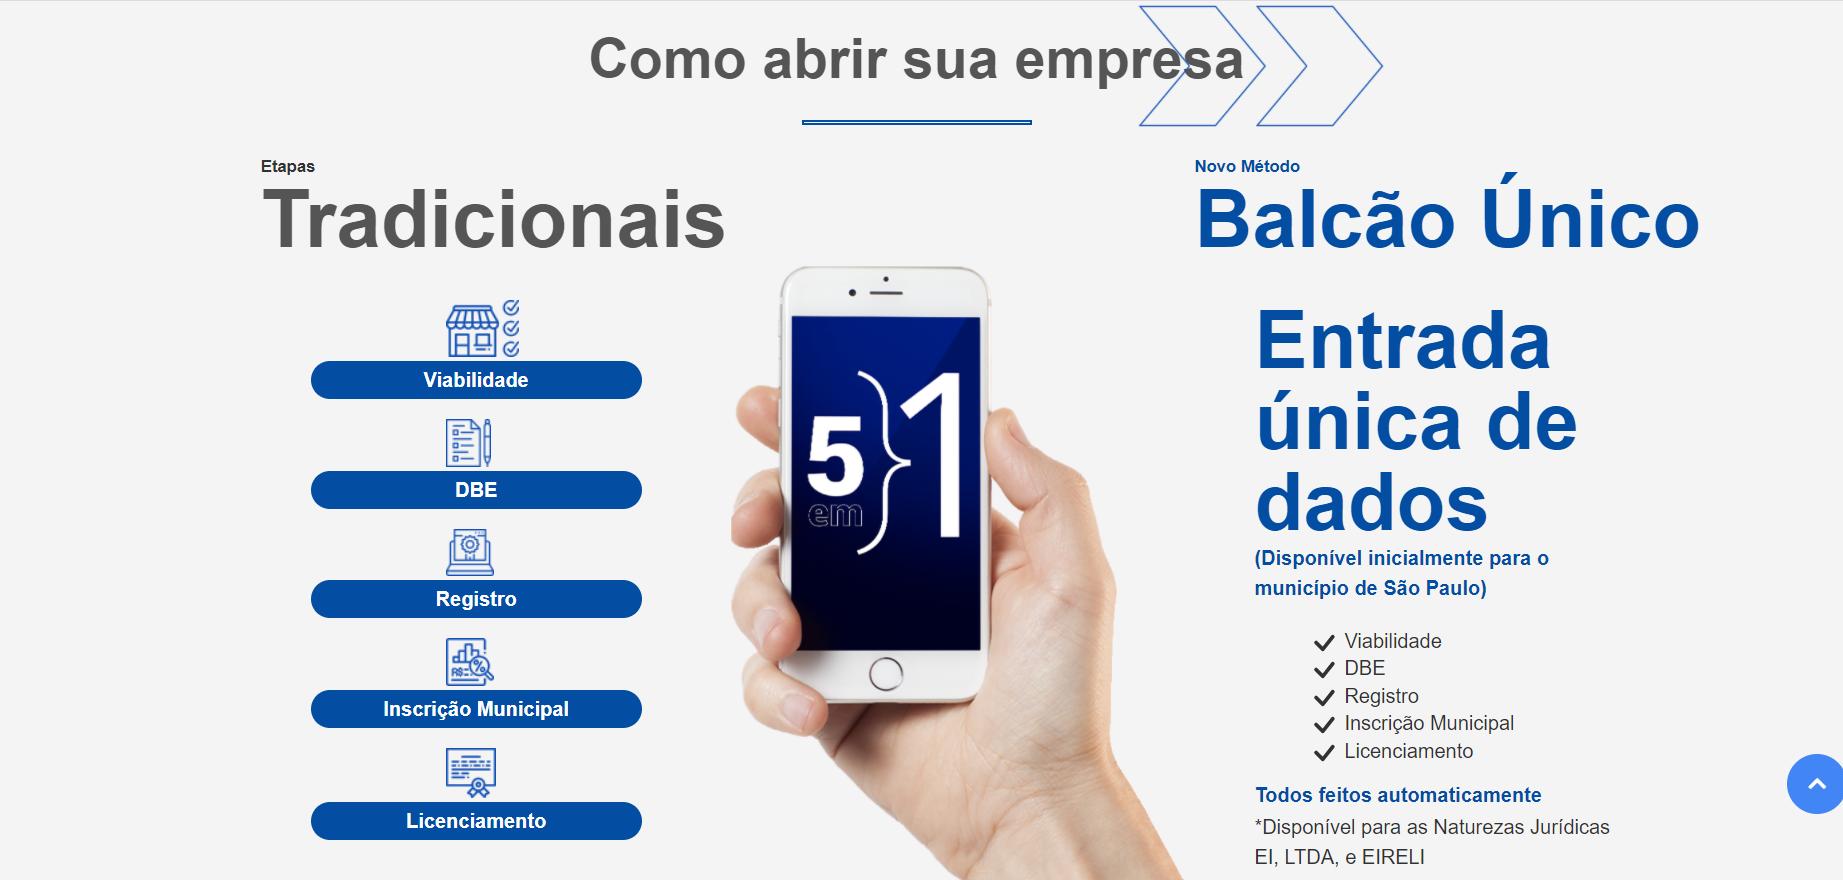 Abrir empresa online em SP é possível, conheça o Balcão Único.